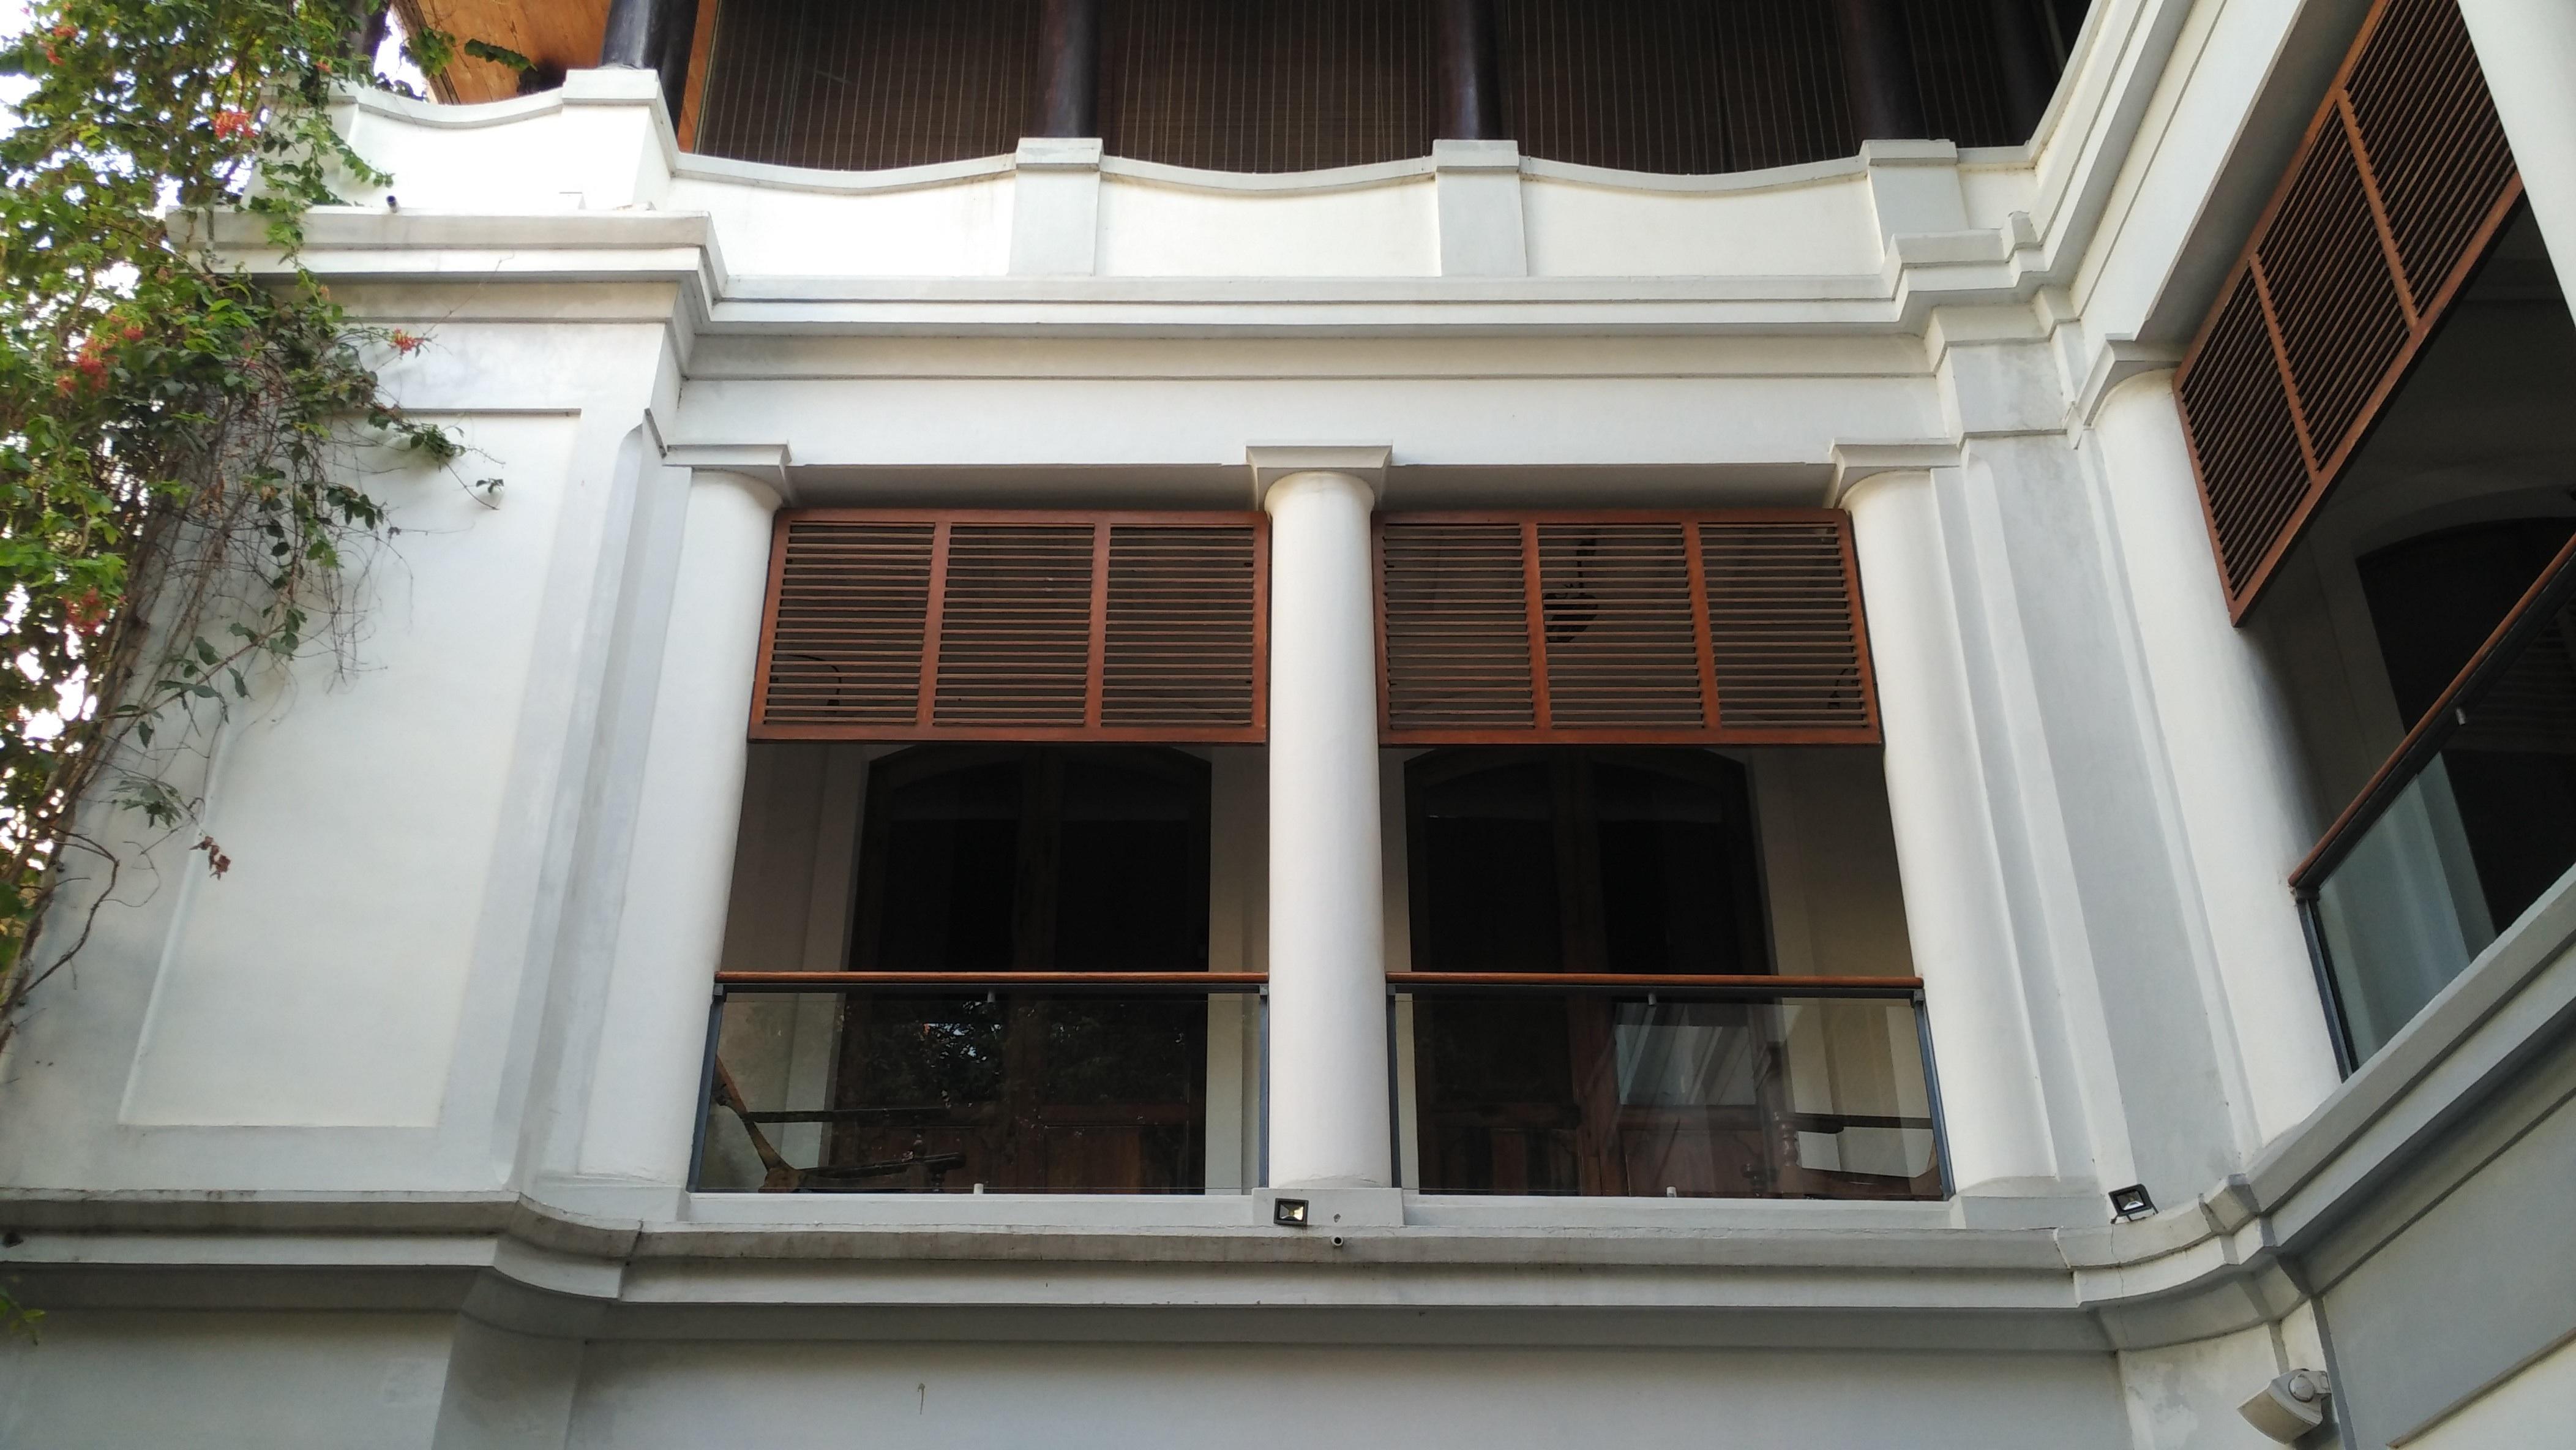 Kostenlose foto : die Architektur, Haus, Fenster, Dach, Zuhause ...